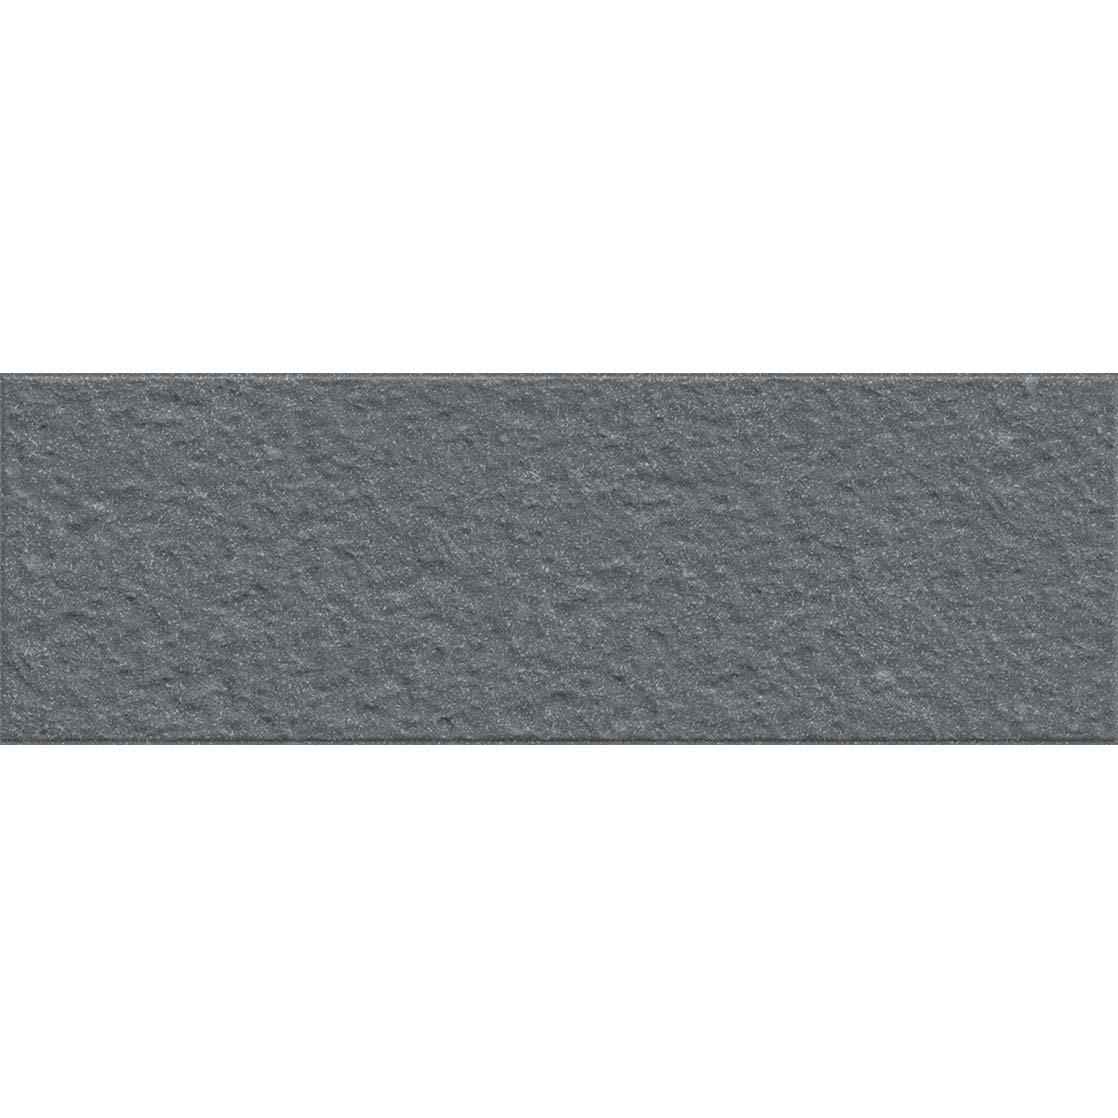 Gạch thẻ trang trí Viglacera SH1322 giá ưu đãi